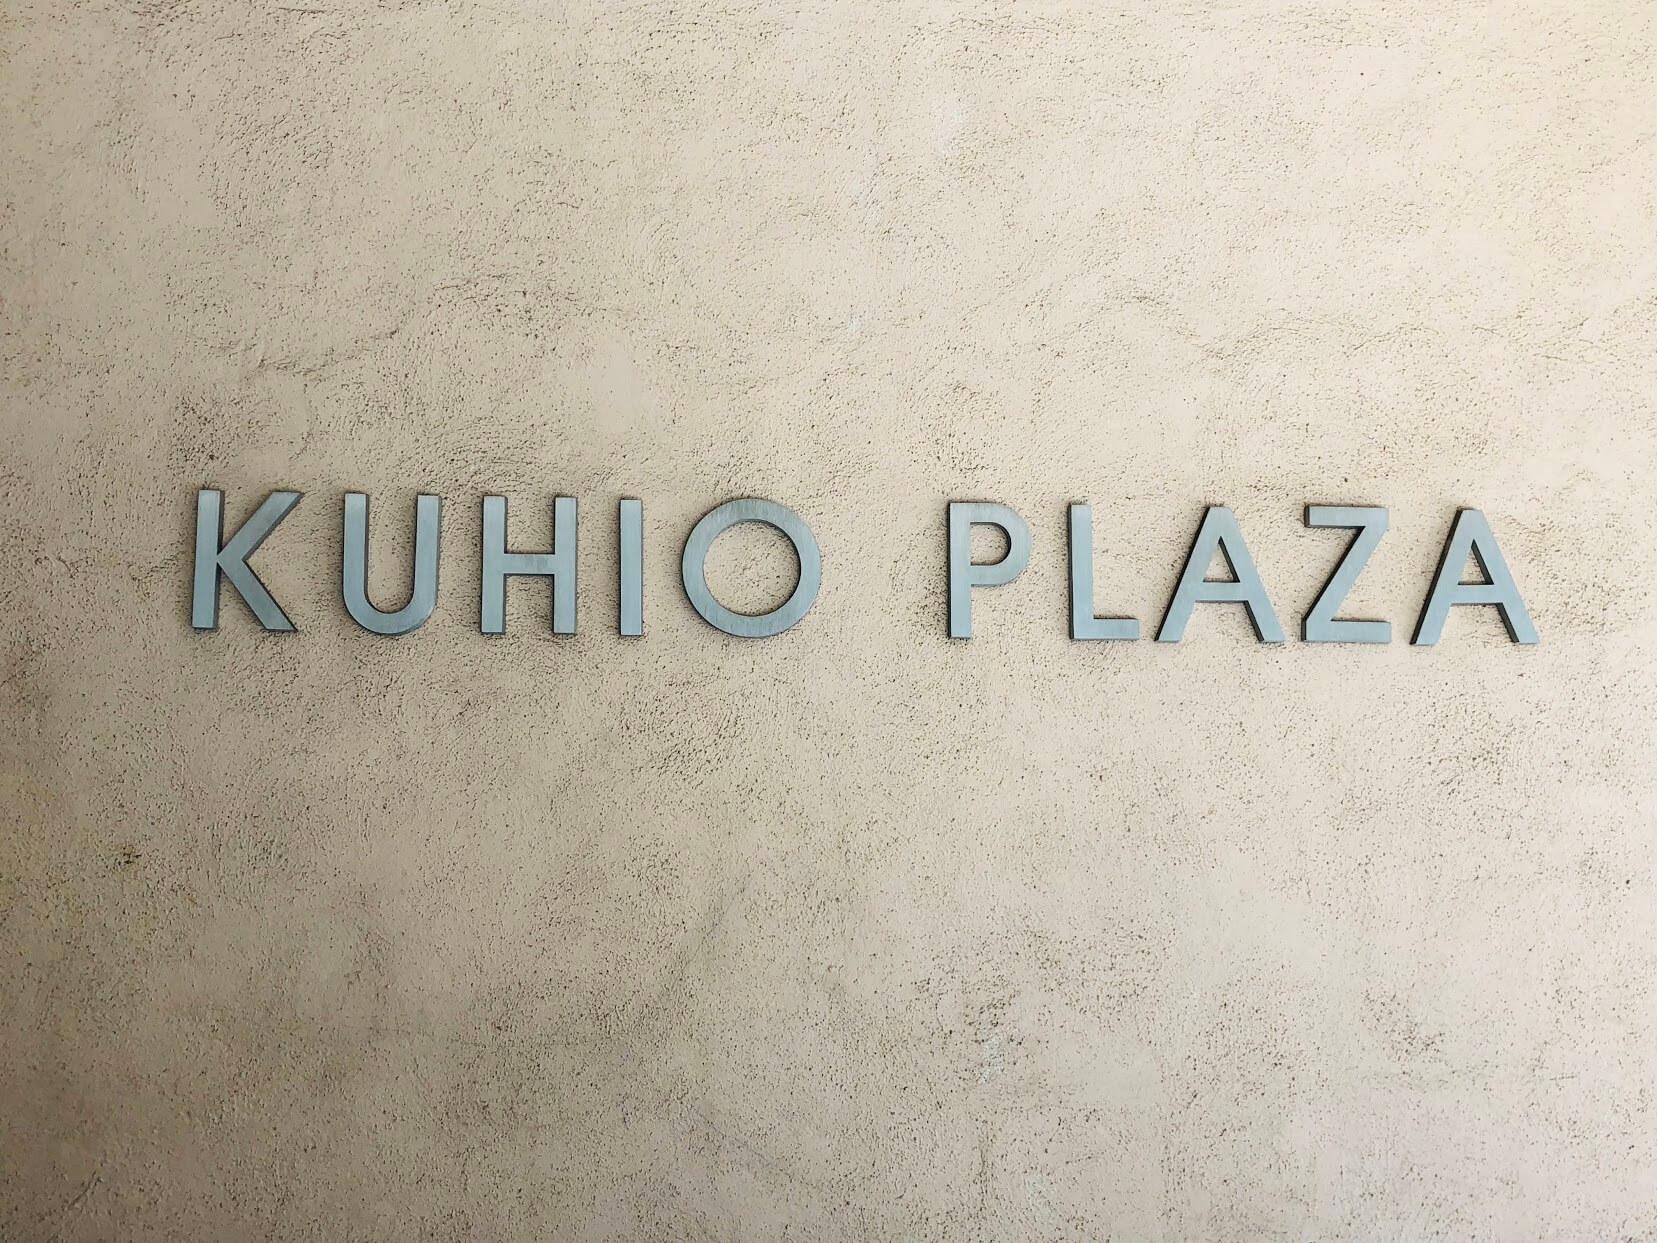 Kuhio Plazaの看板